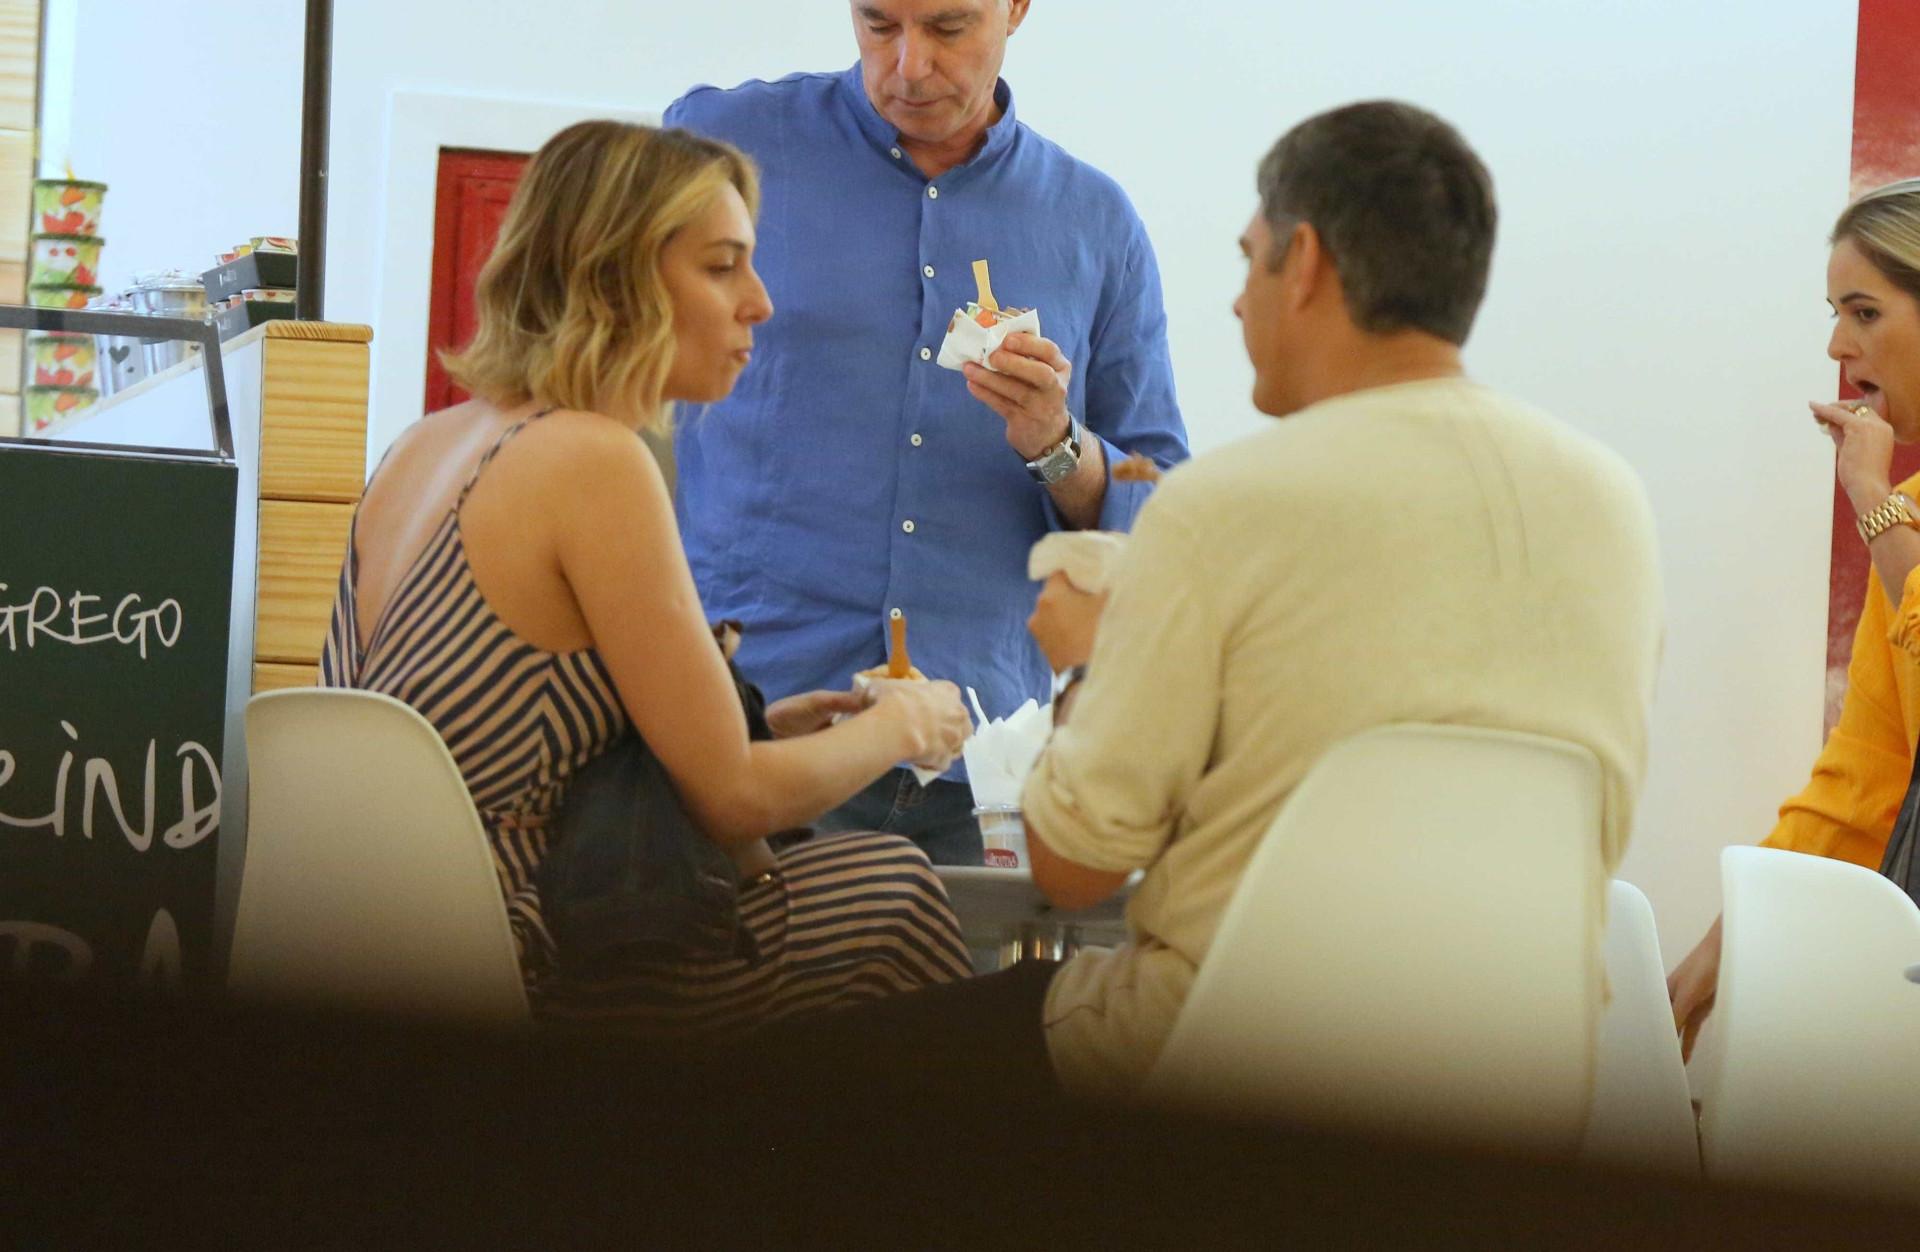 William Bonner e noiva aproveitam fim de semana para cinema e jantar